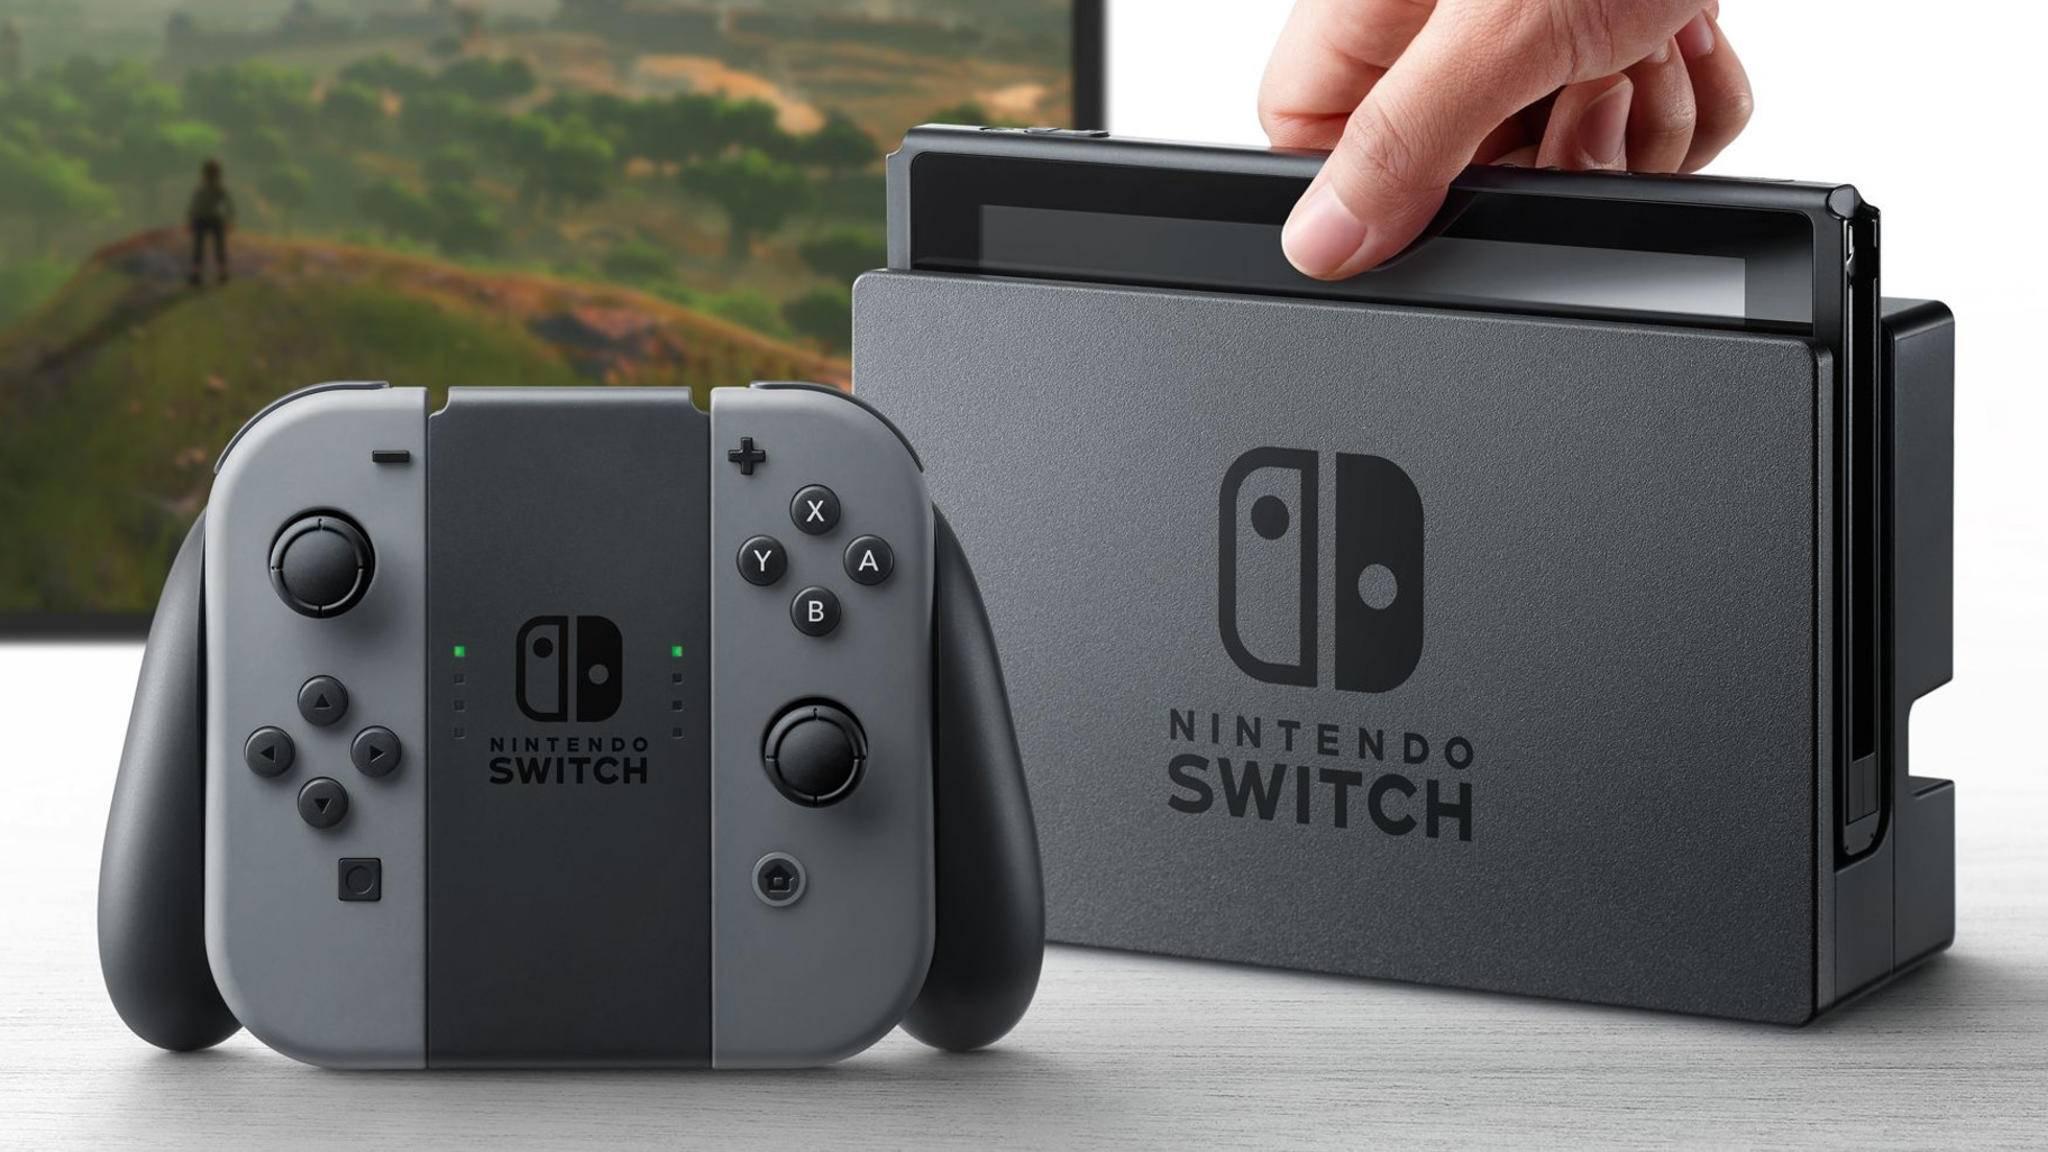 Für die Nintendo Switch wird es offenbar mehrere Controller geben.